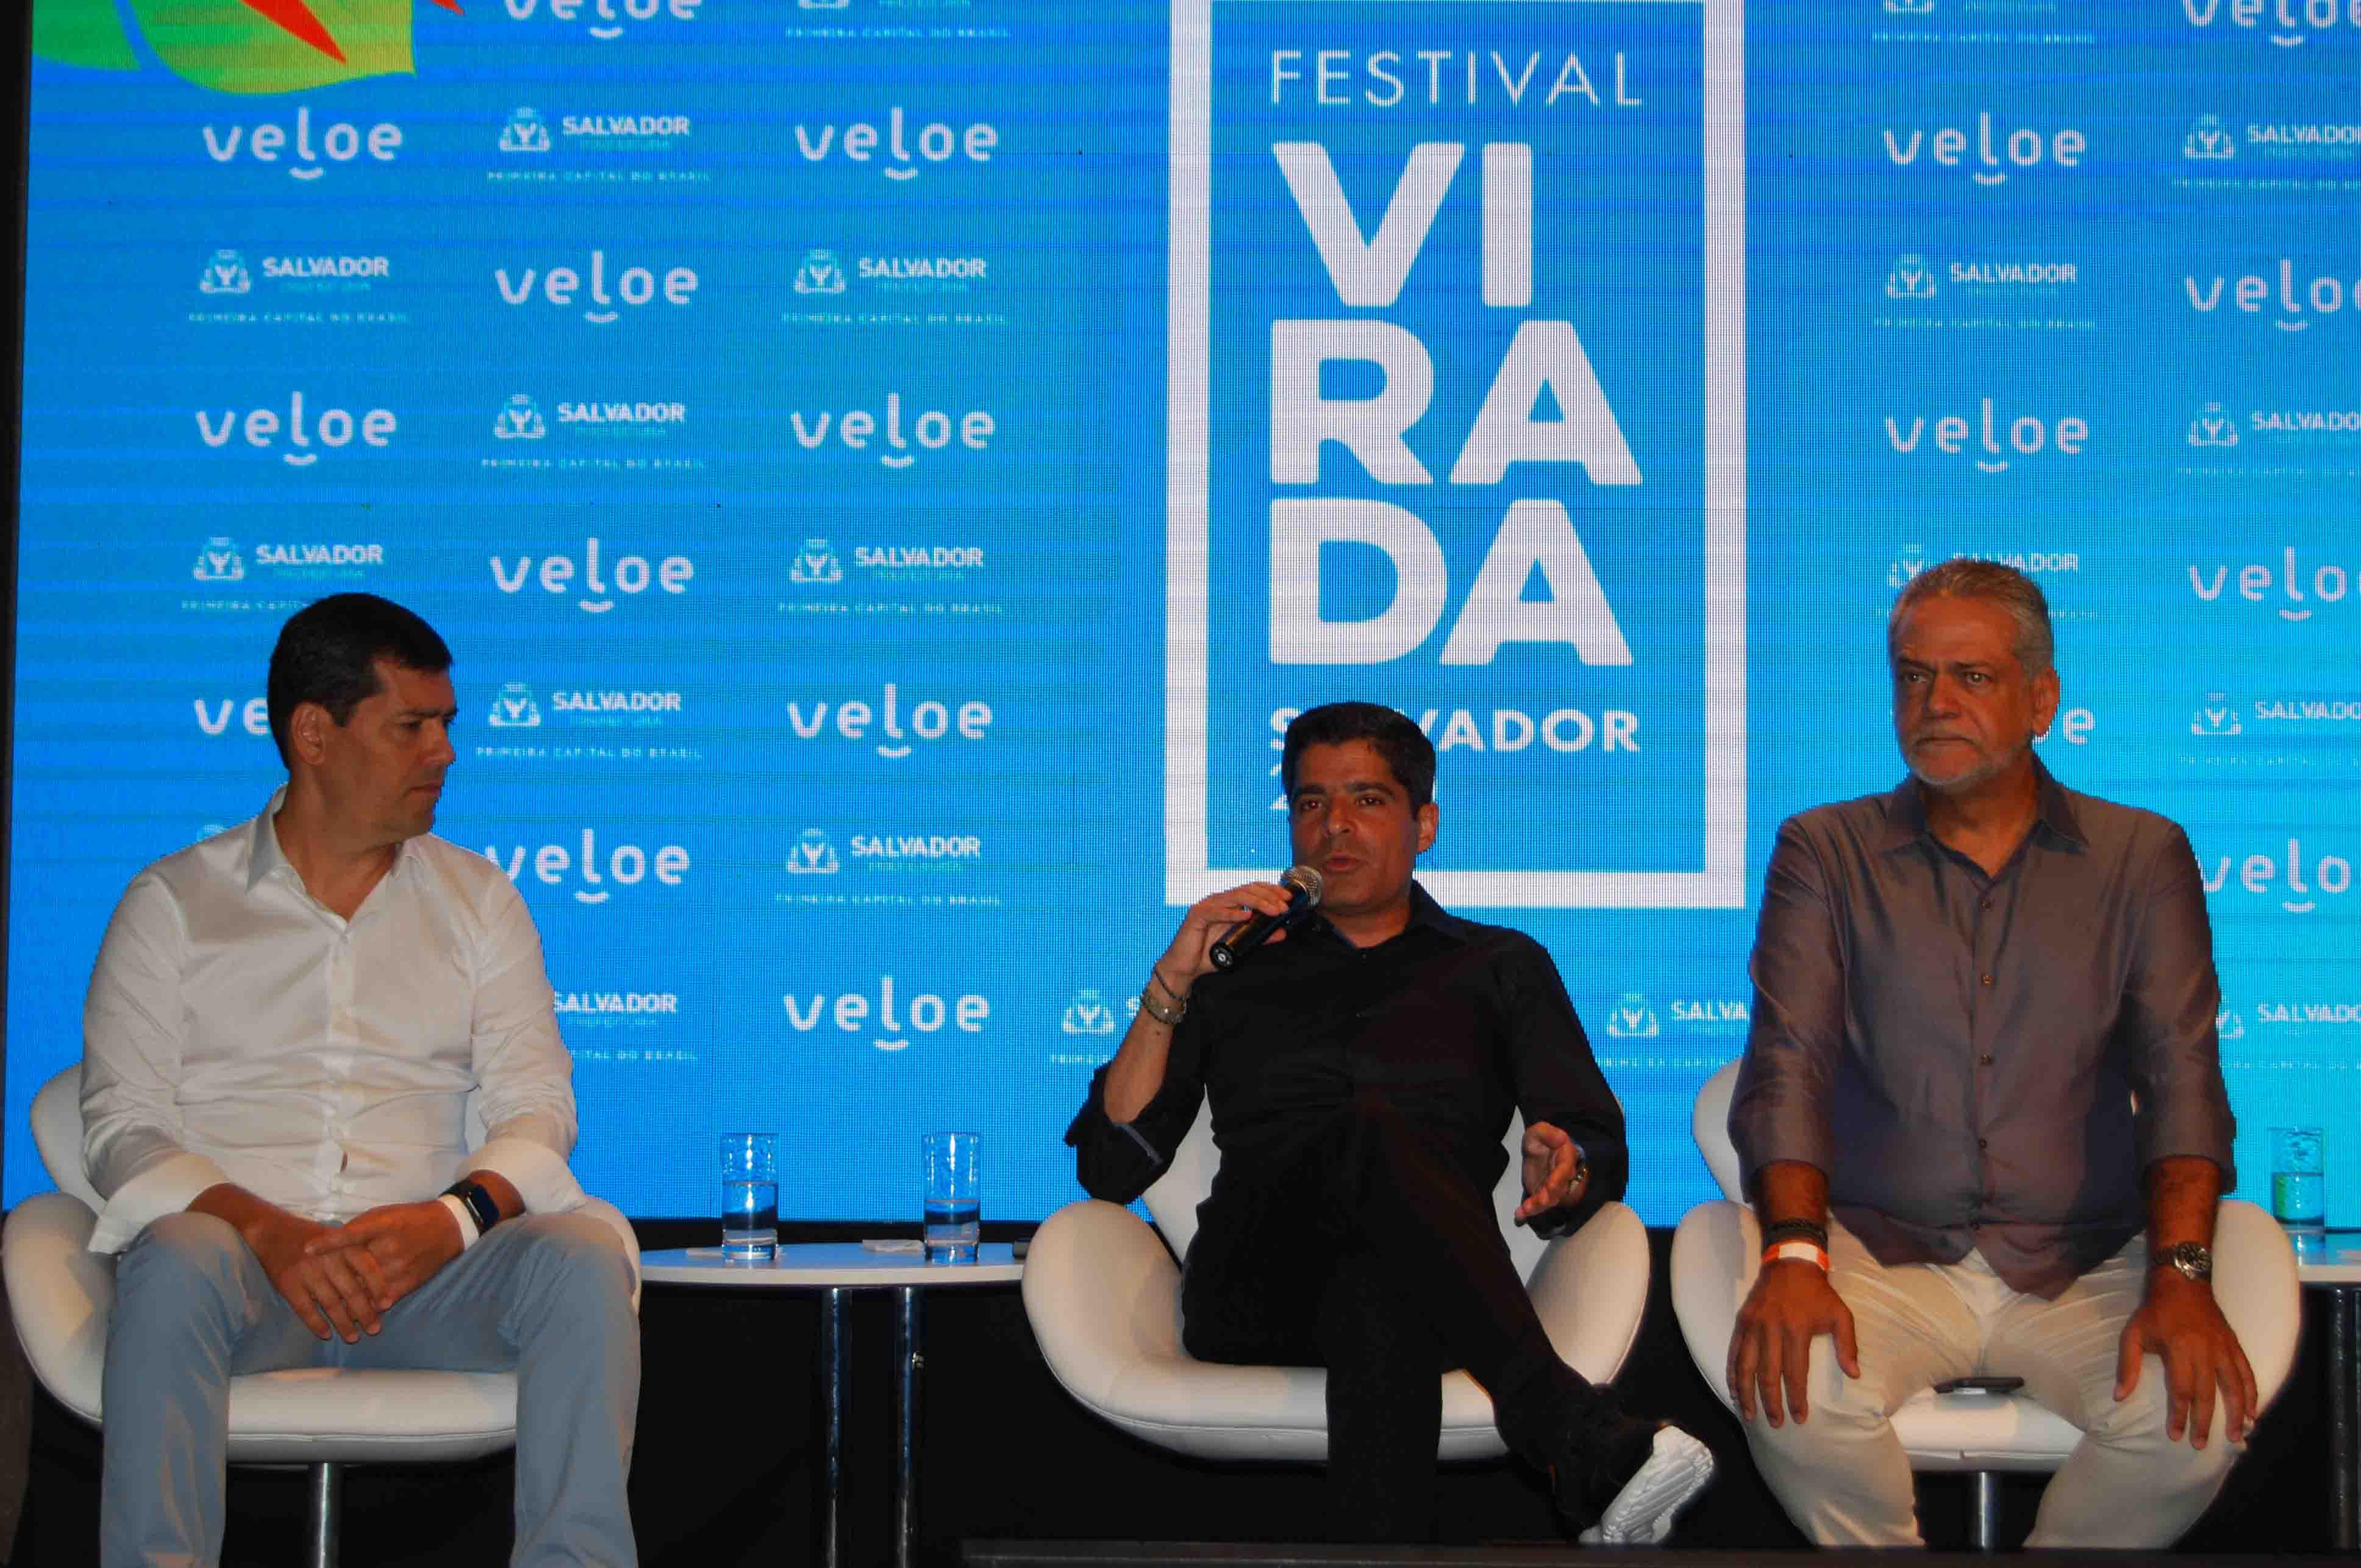 Cláudio Tinoco, Secretário de Turismo e Cultura de Salvador, AMC Neto, Prefeito de Salvador e Isaac Edington, Presidente da Santur